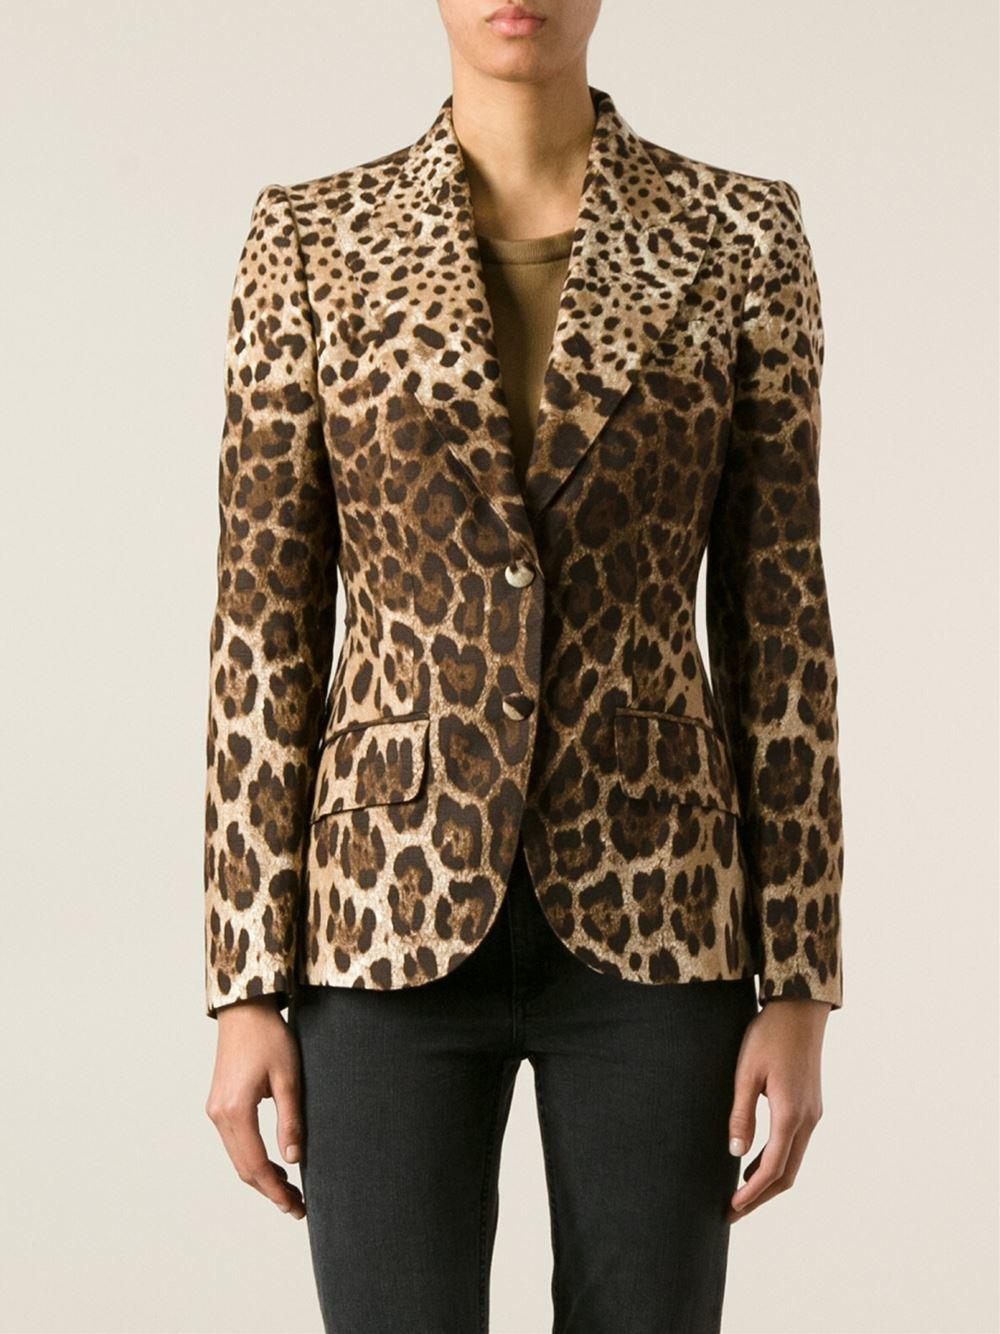 Dolce & Gabbana Cotton Leopard Print Blazer in Black - Lyst